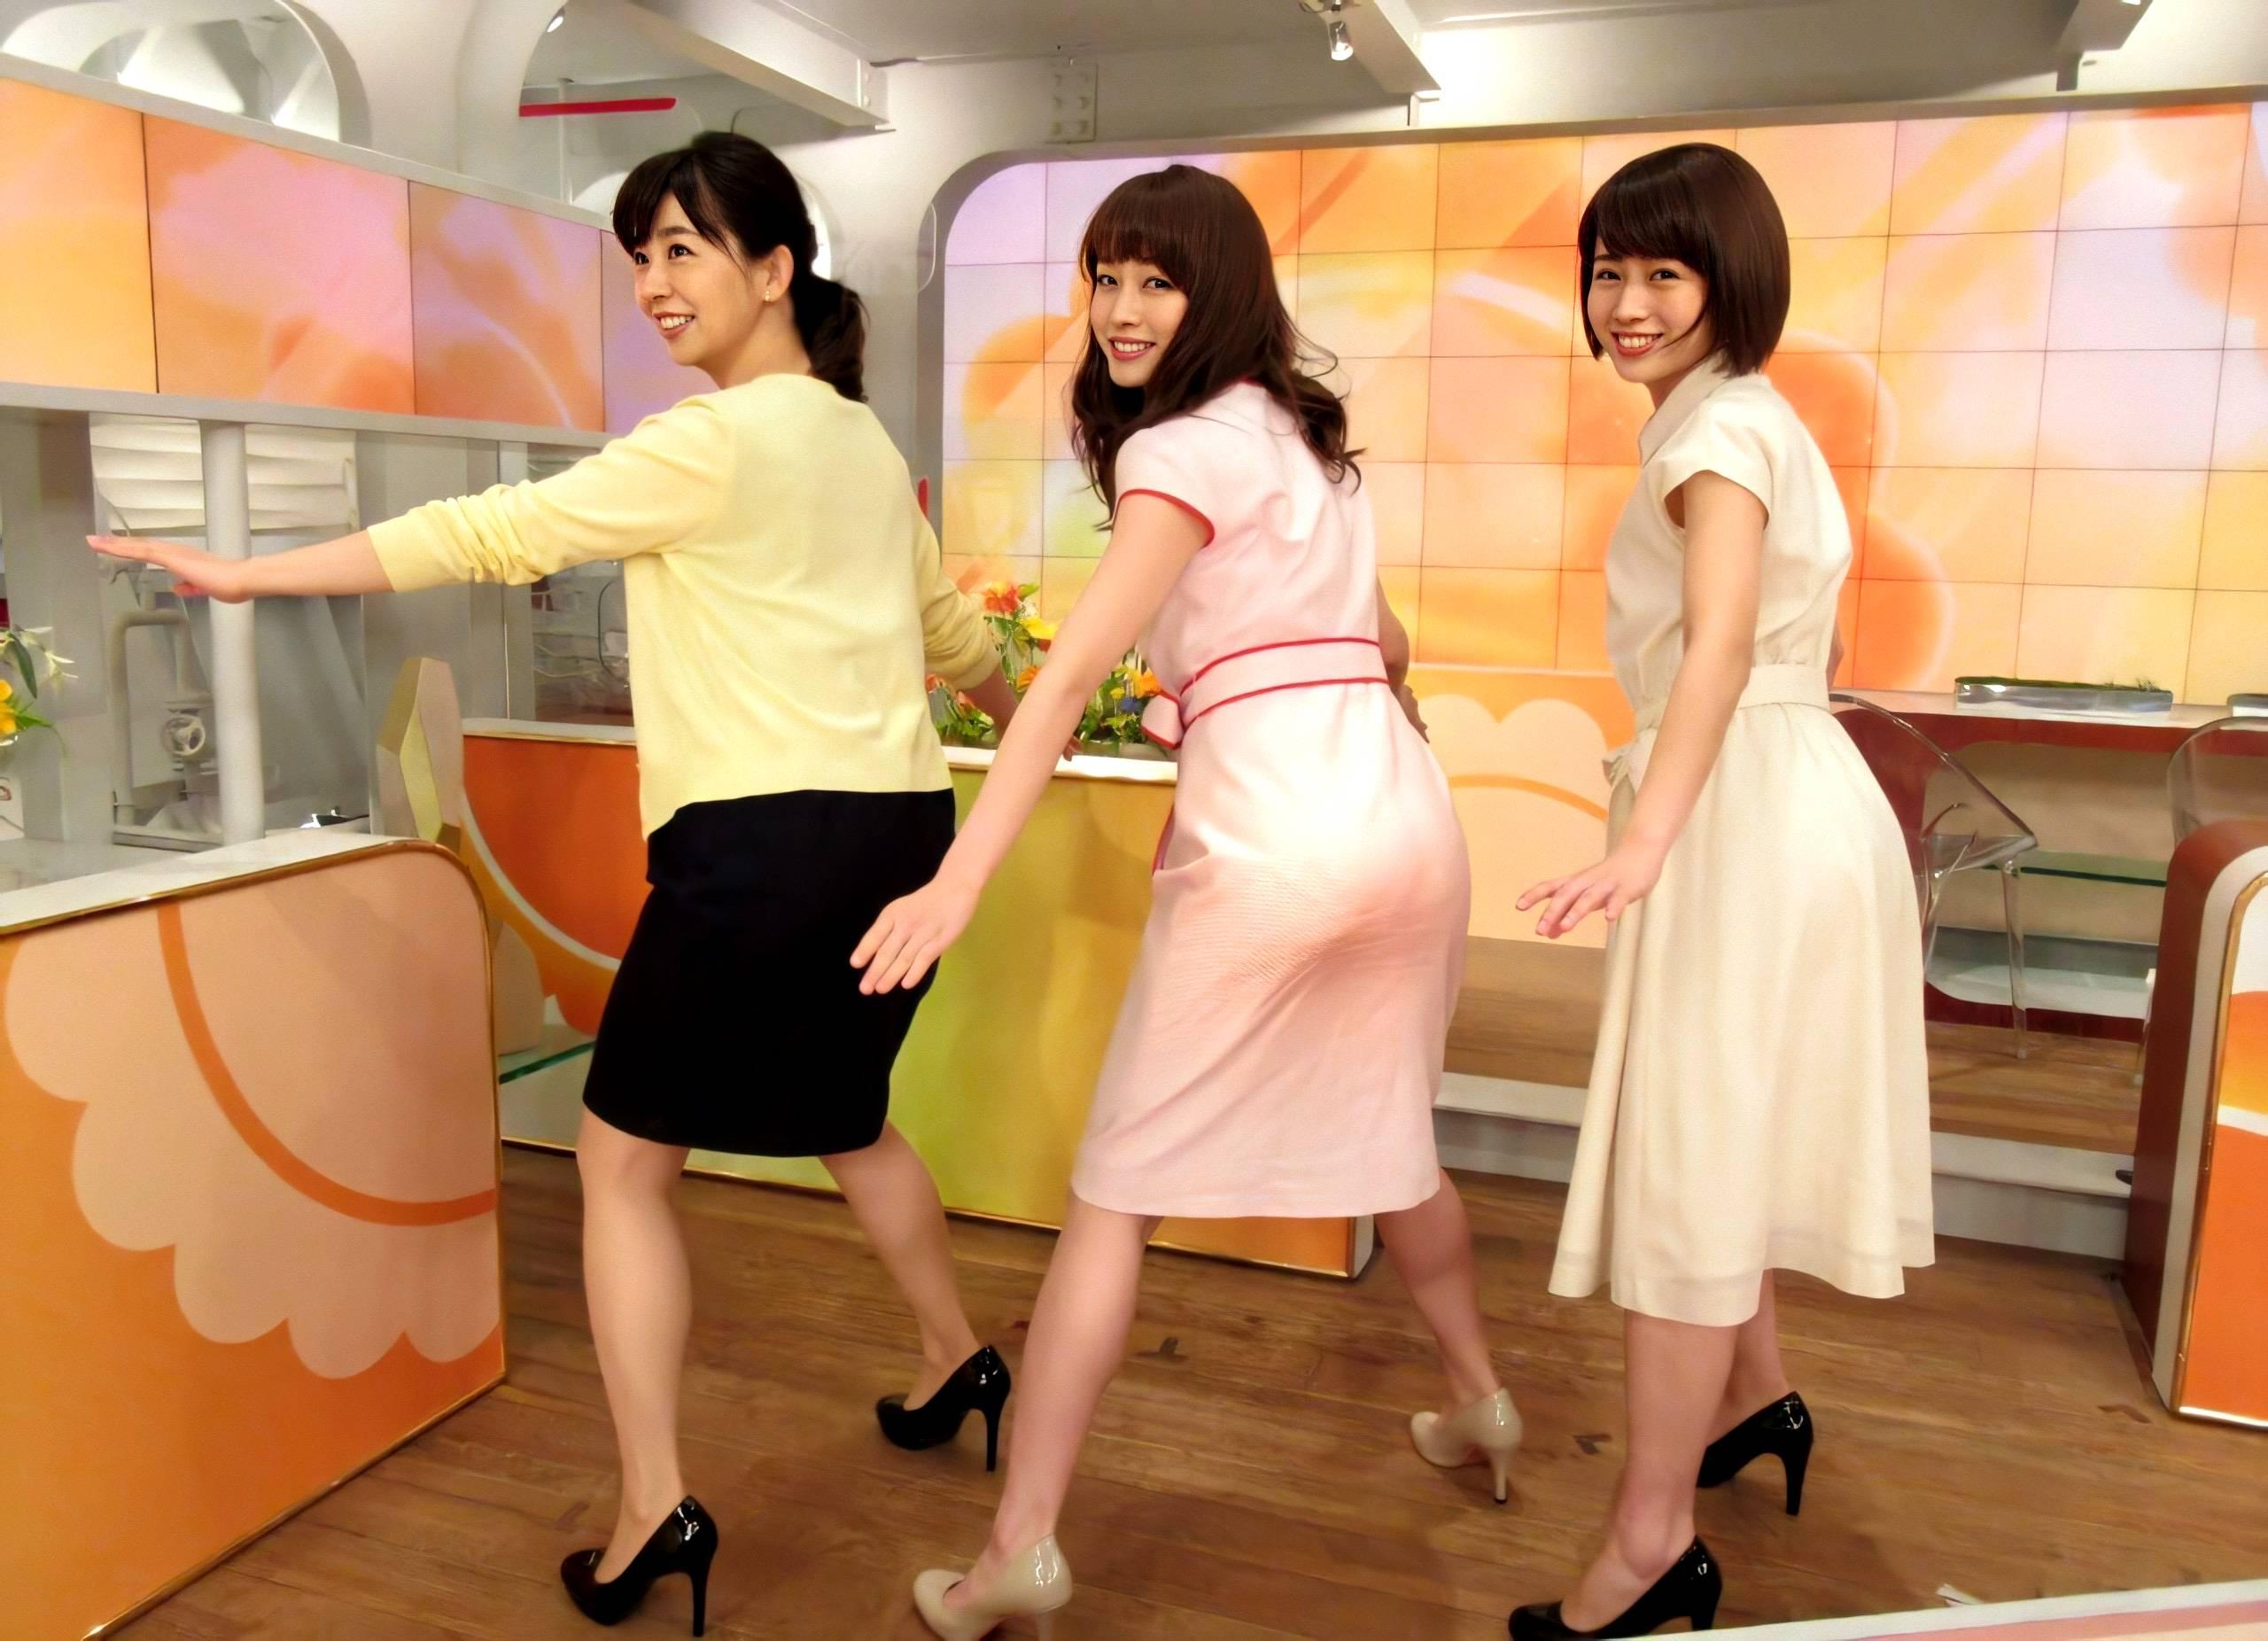 【画像】この三人の女子アナの中で今夜エッチしたいのってさ